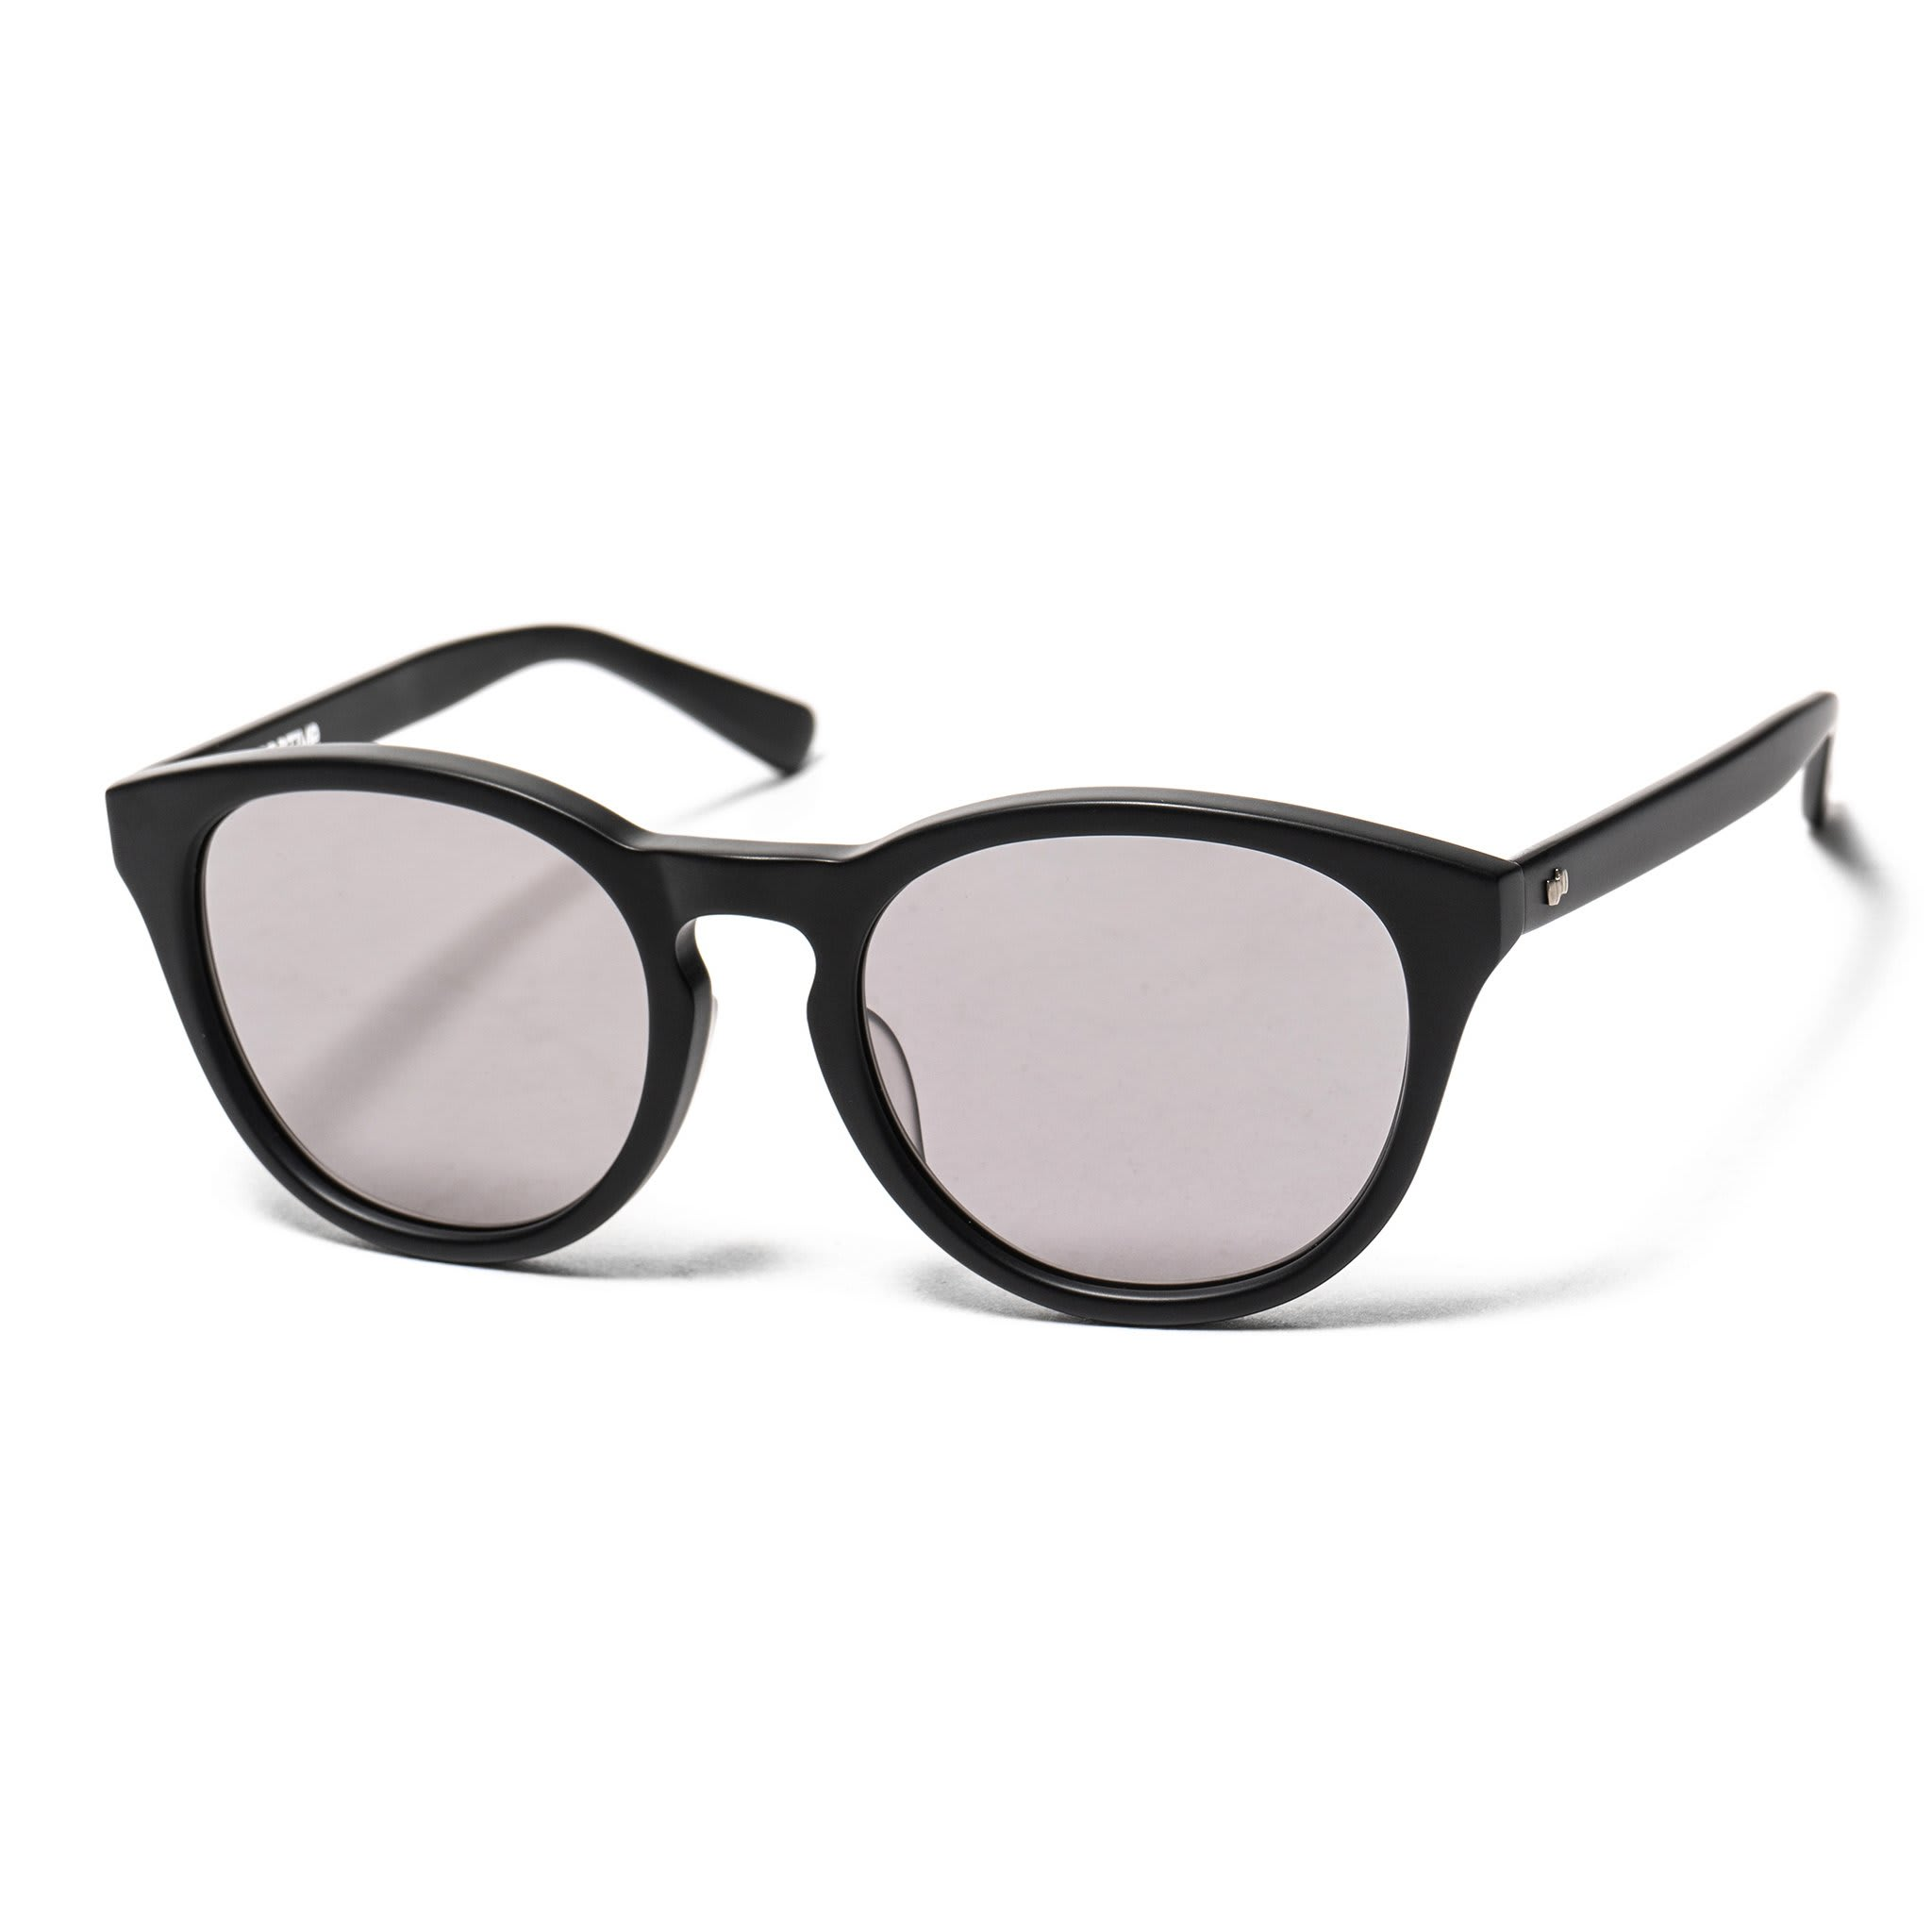 86a1e74e7cb6 Sunglasses